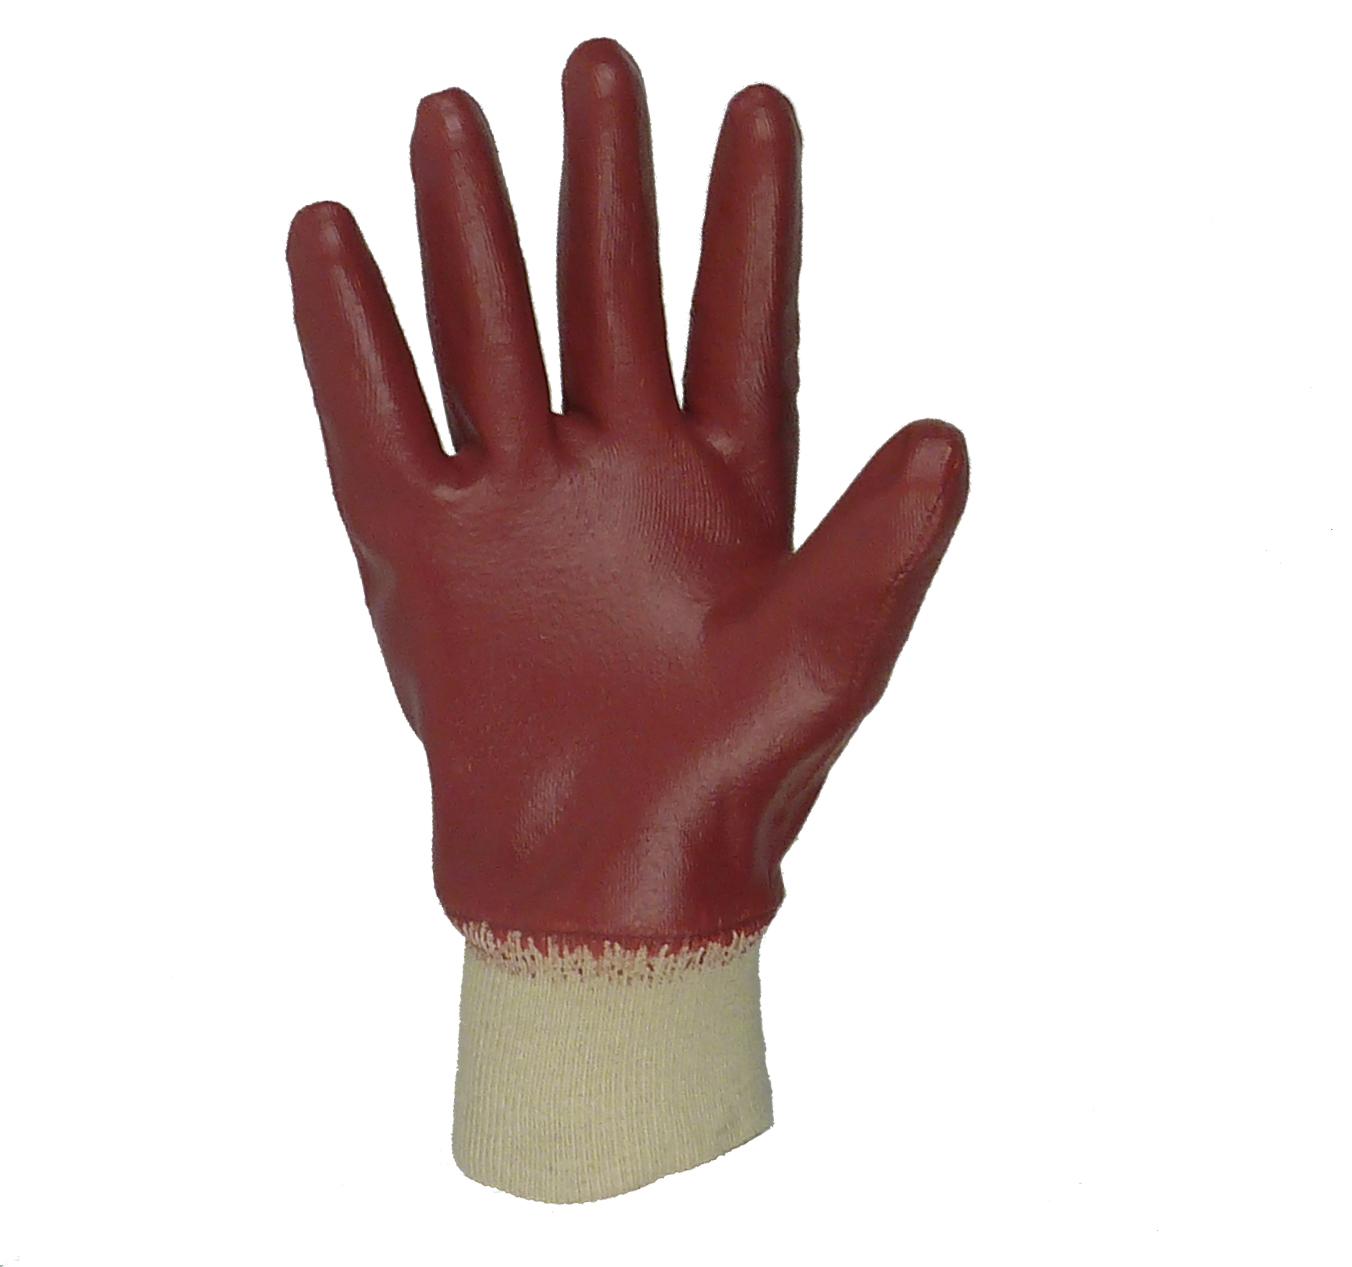 arbeitshandschuhe nitril handschuhe g nstig. Black Bedroom Furniture Sets. Home Design Ideas